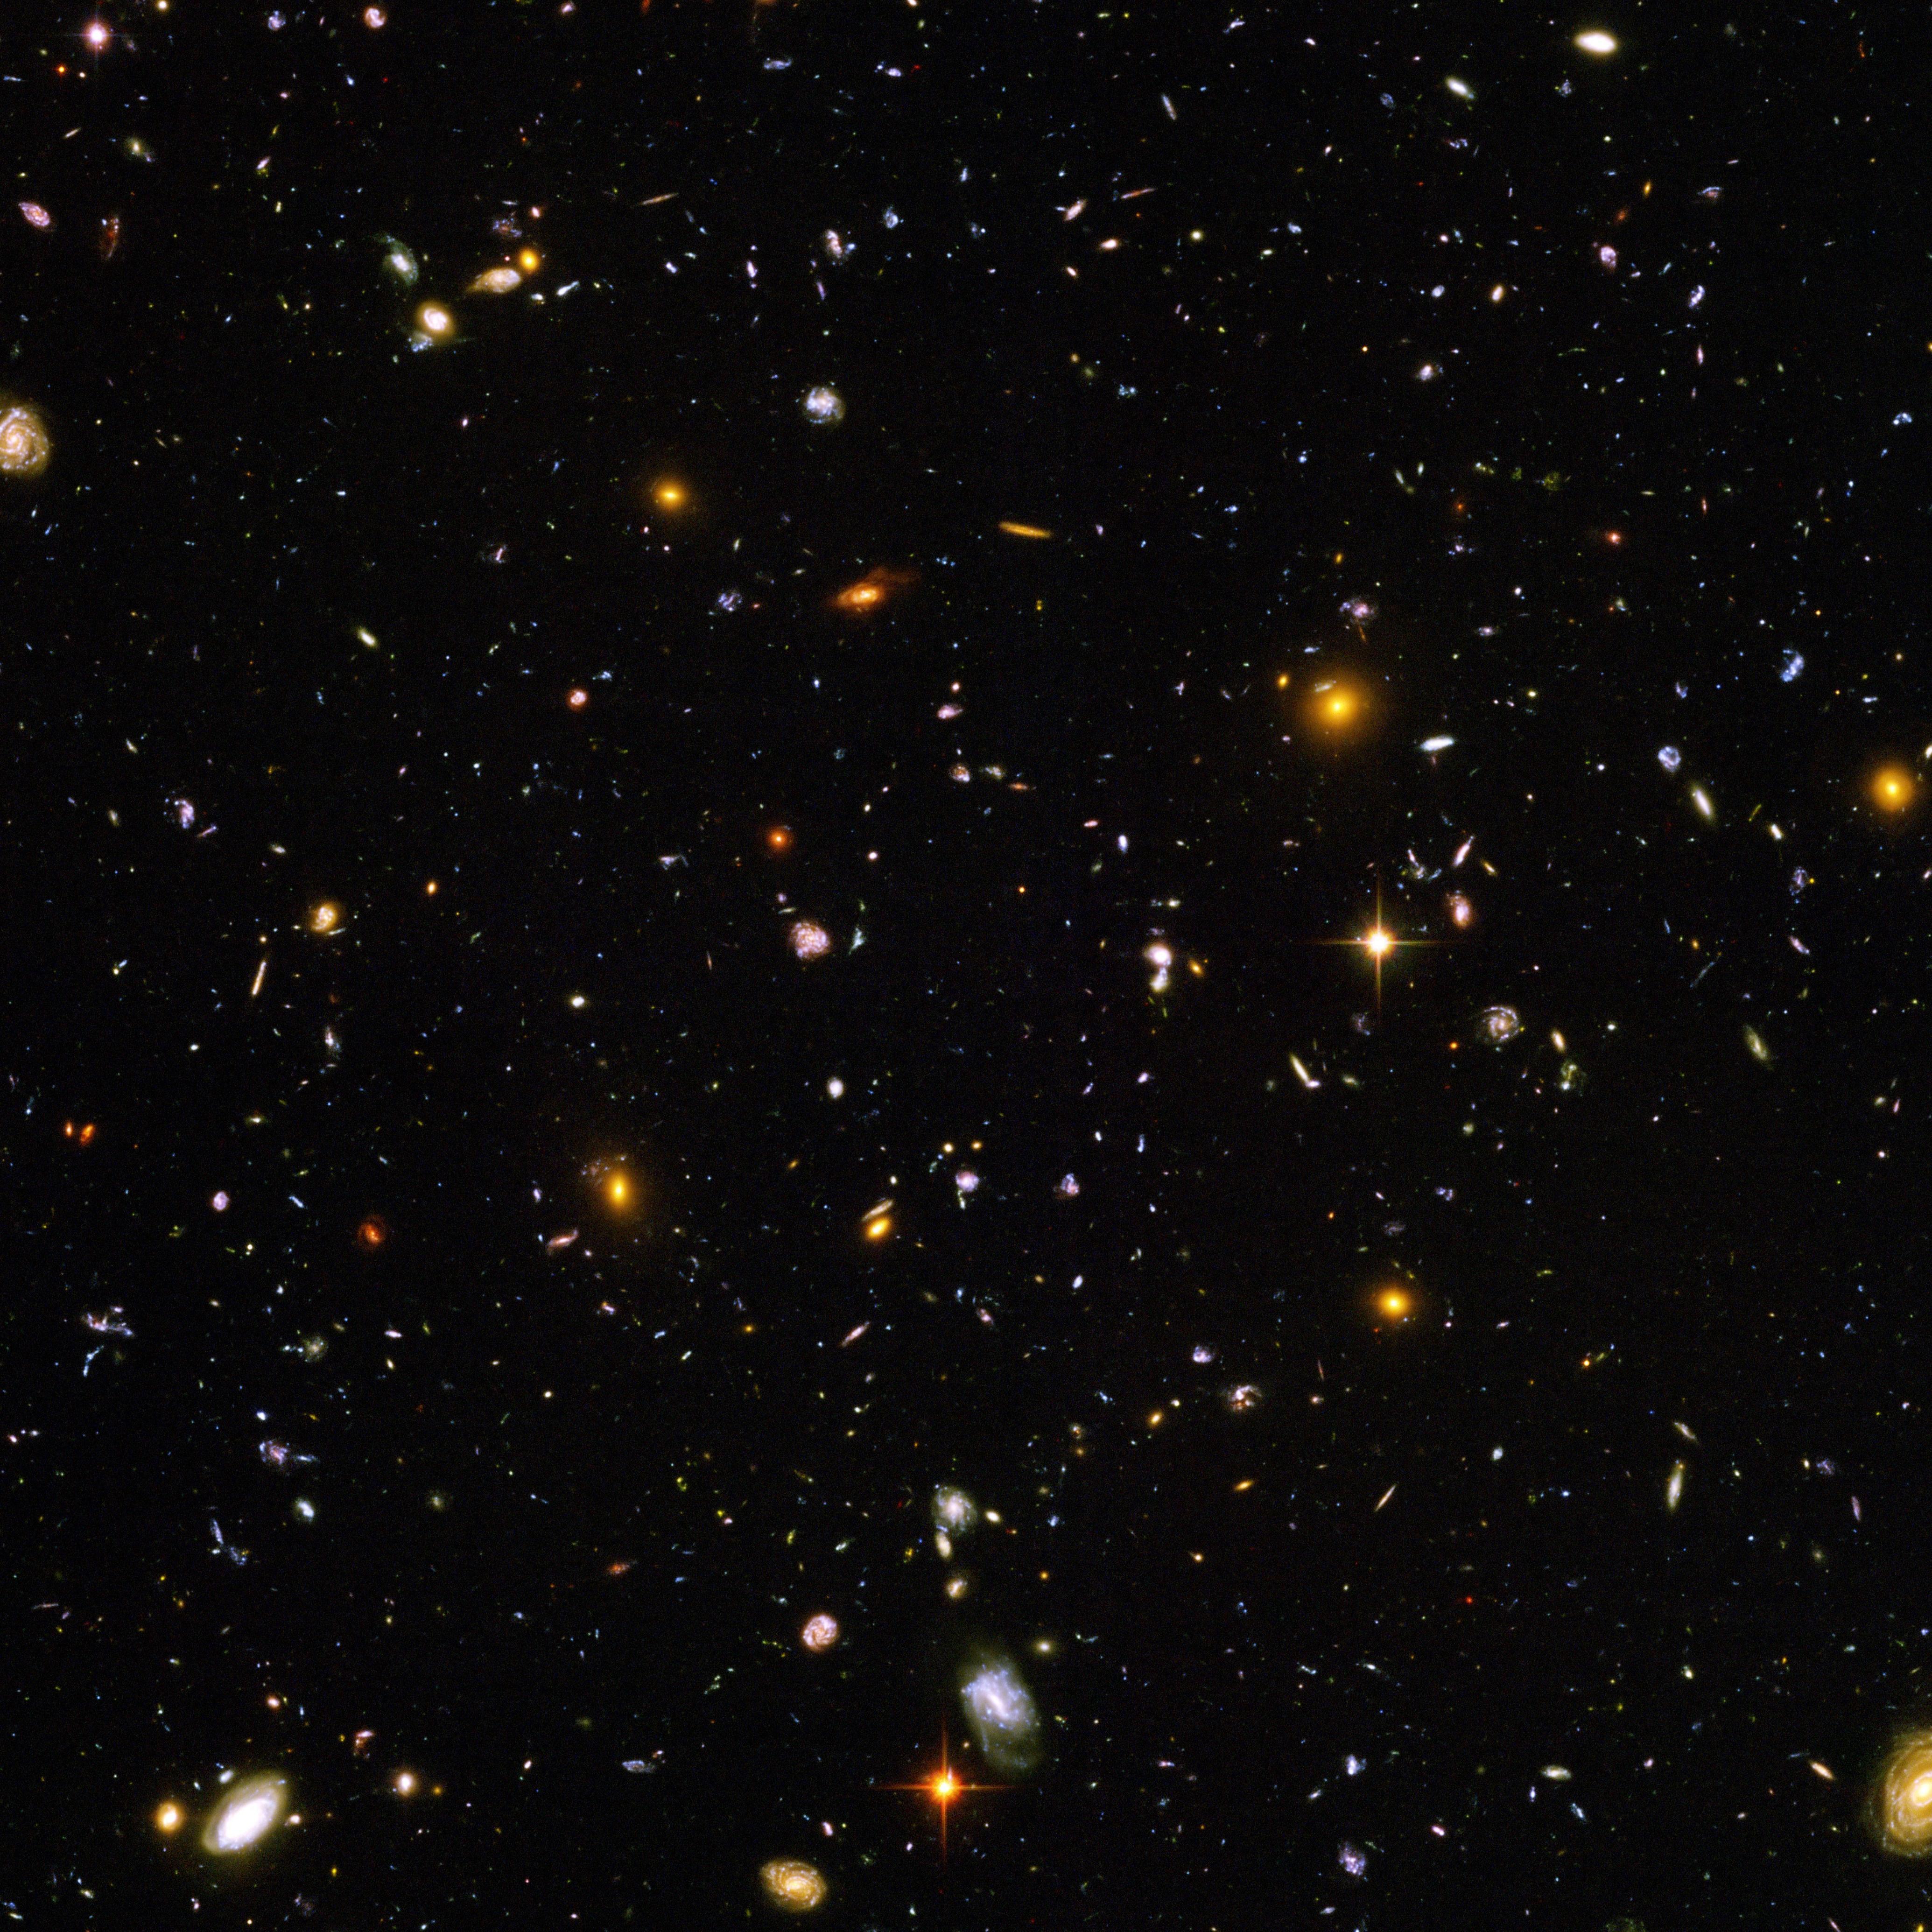 [47+] Desktop Wallpaper Hubble Deep Field On WallpaperSafari